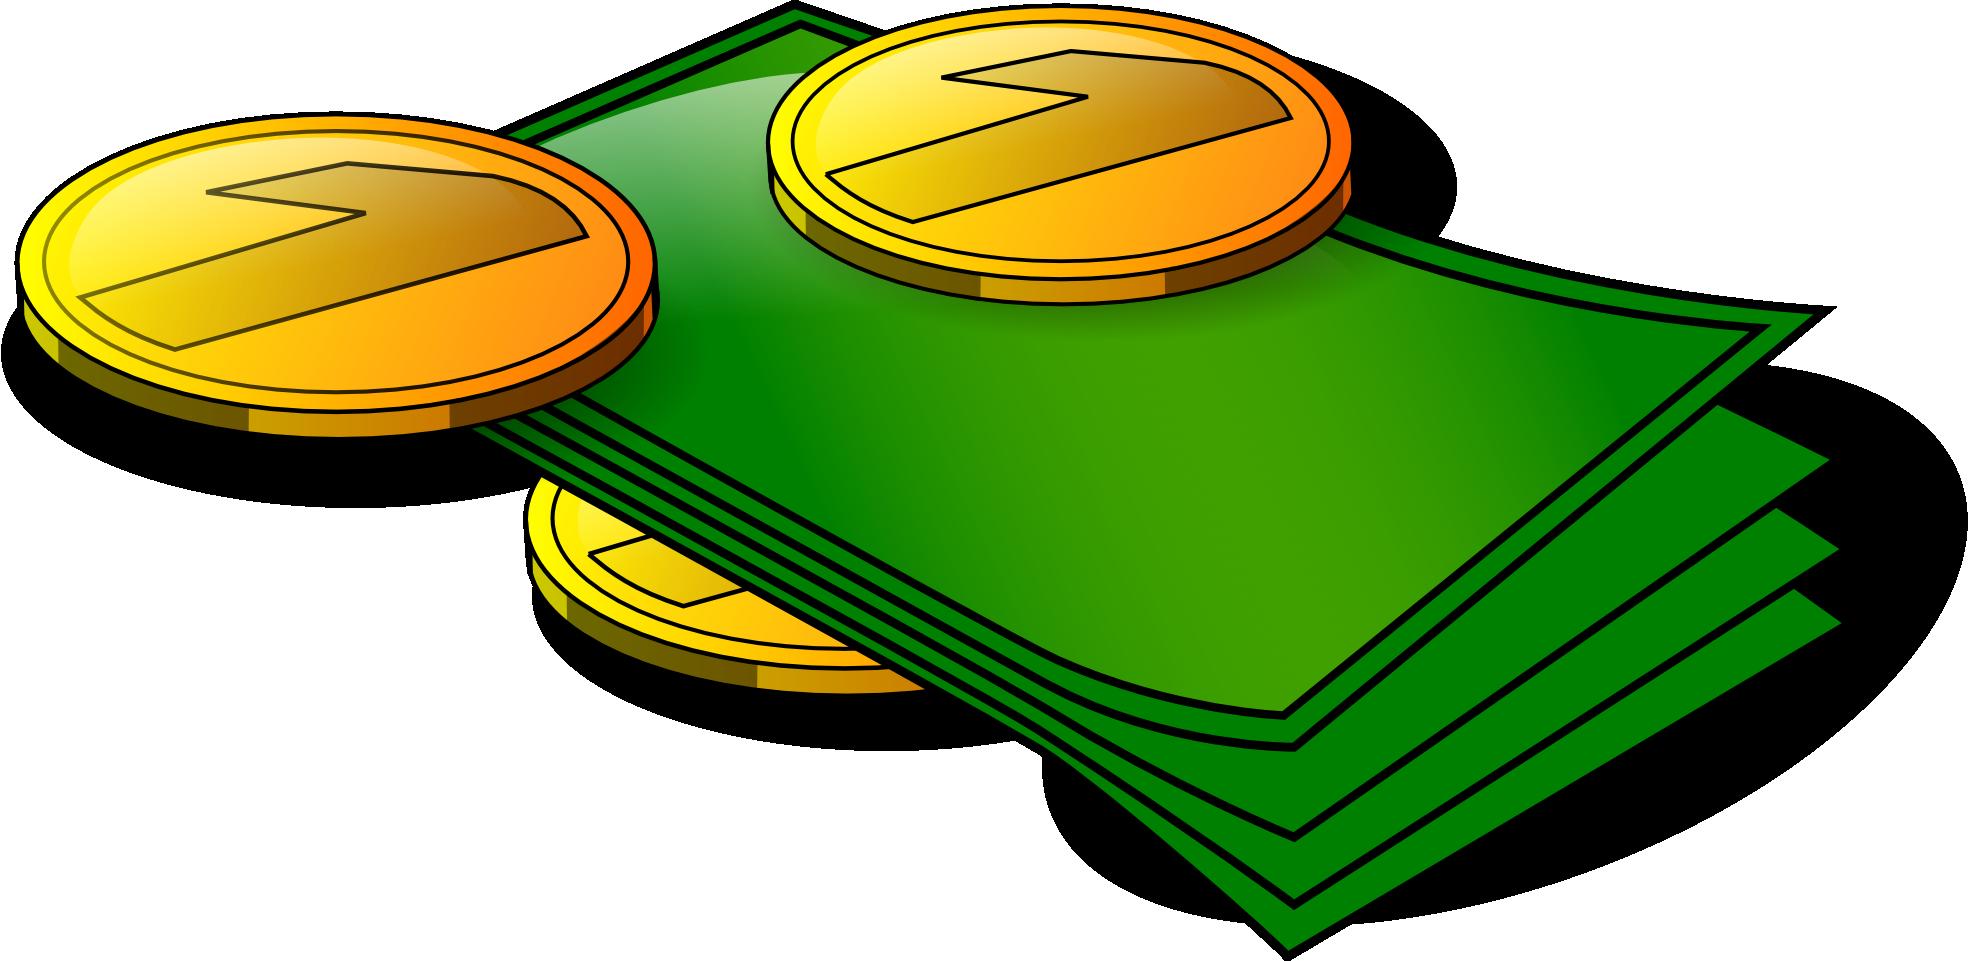 1969x961 Money Clipart Transparent Background